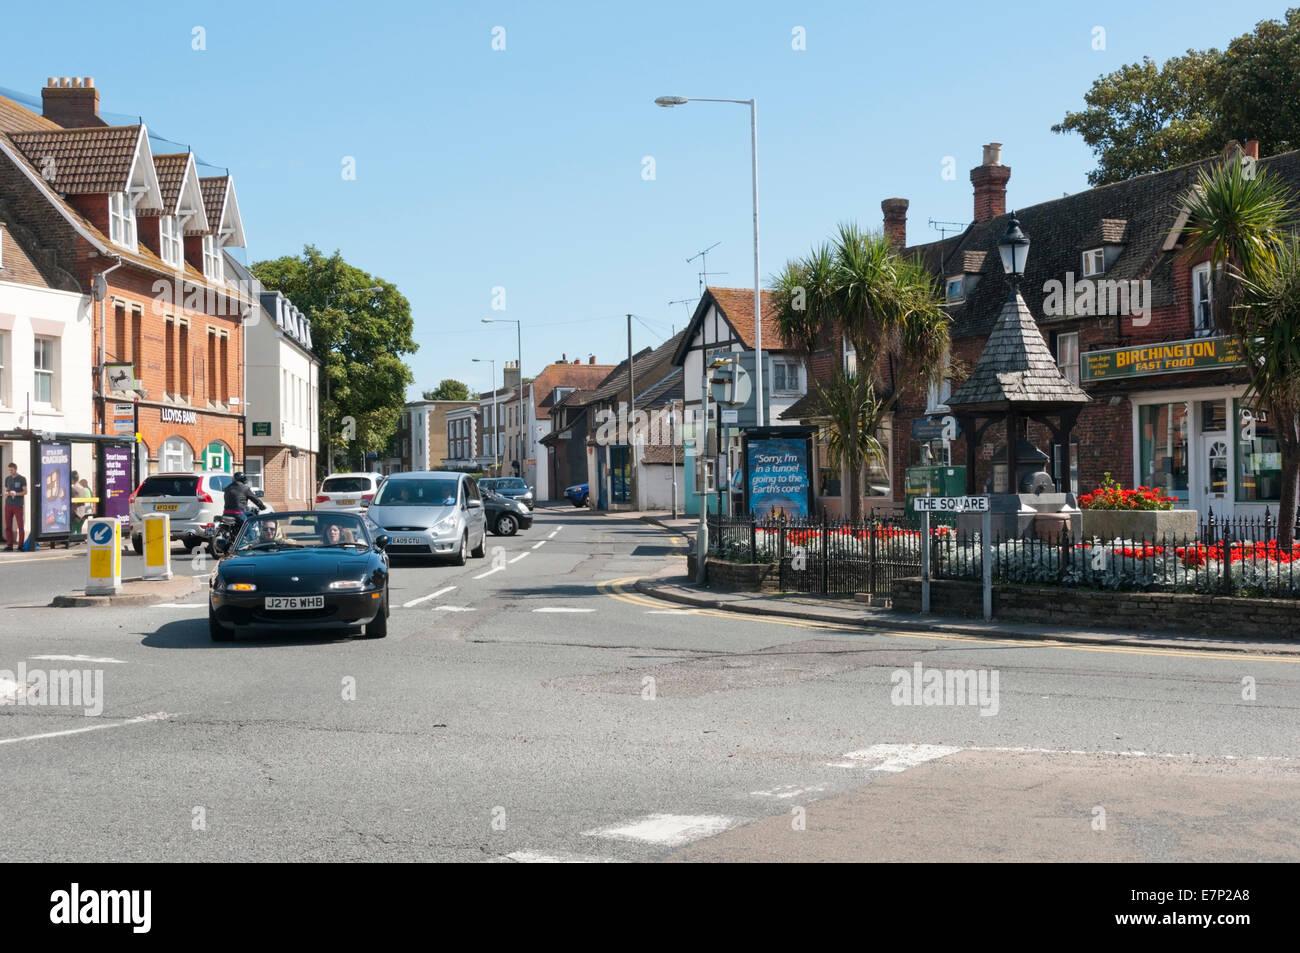 The Kent village of Birchington-on-Sea. - Stock Image